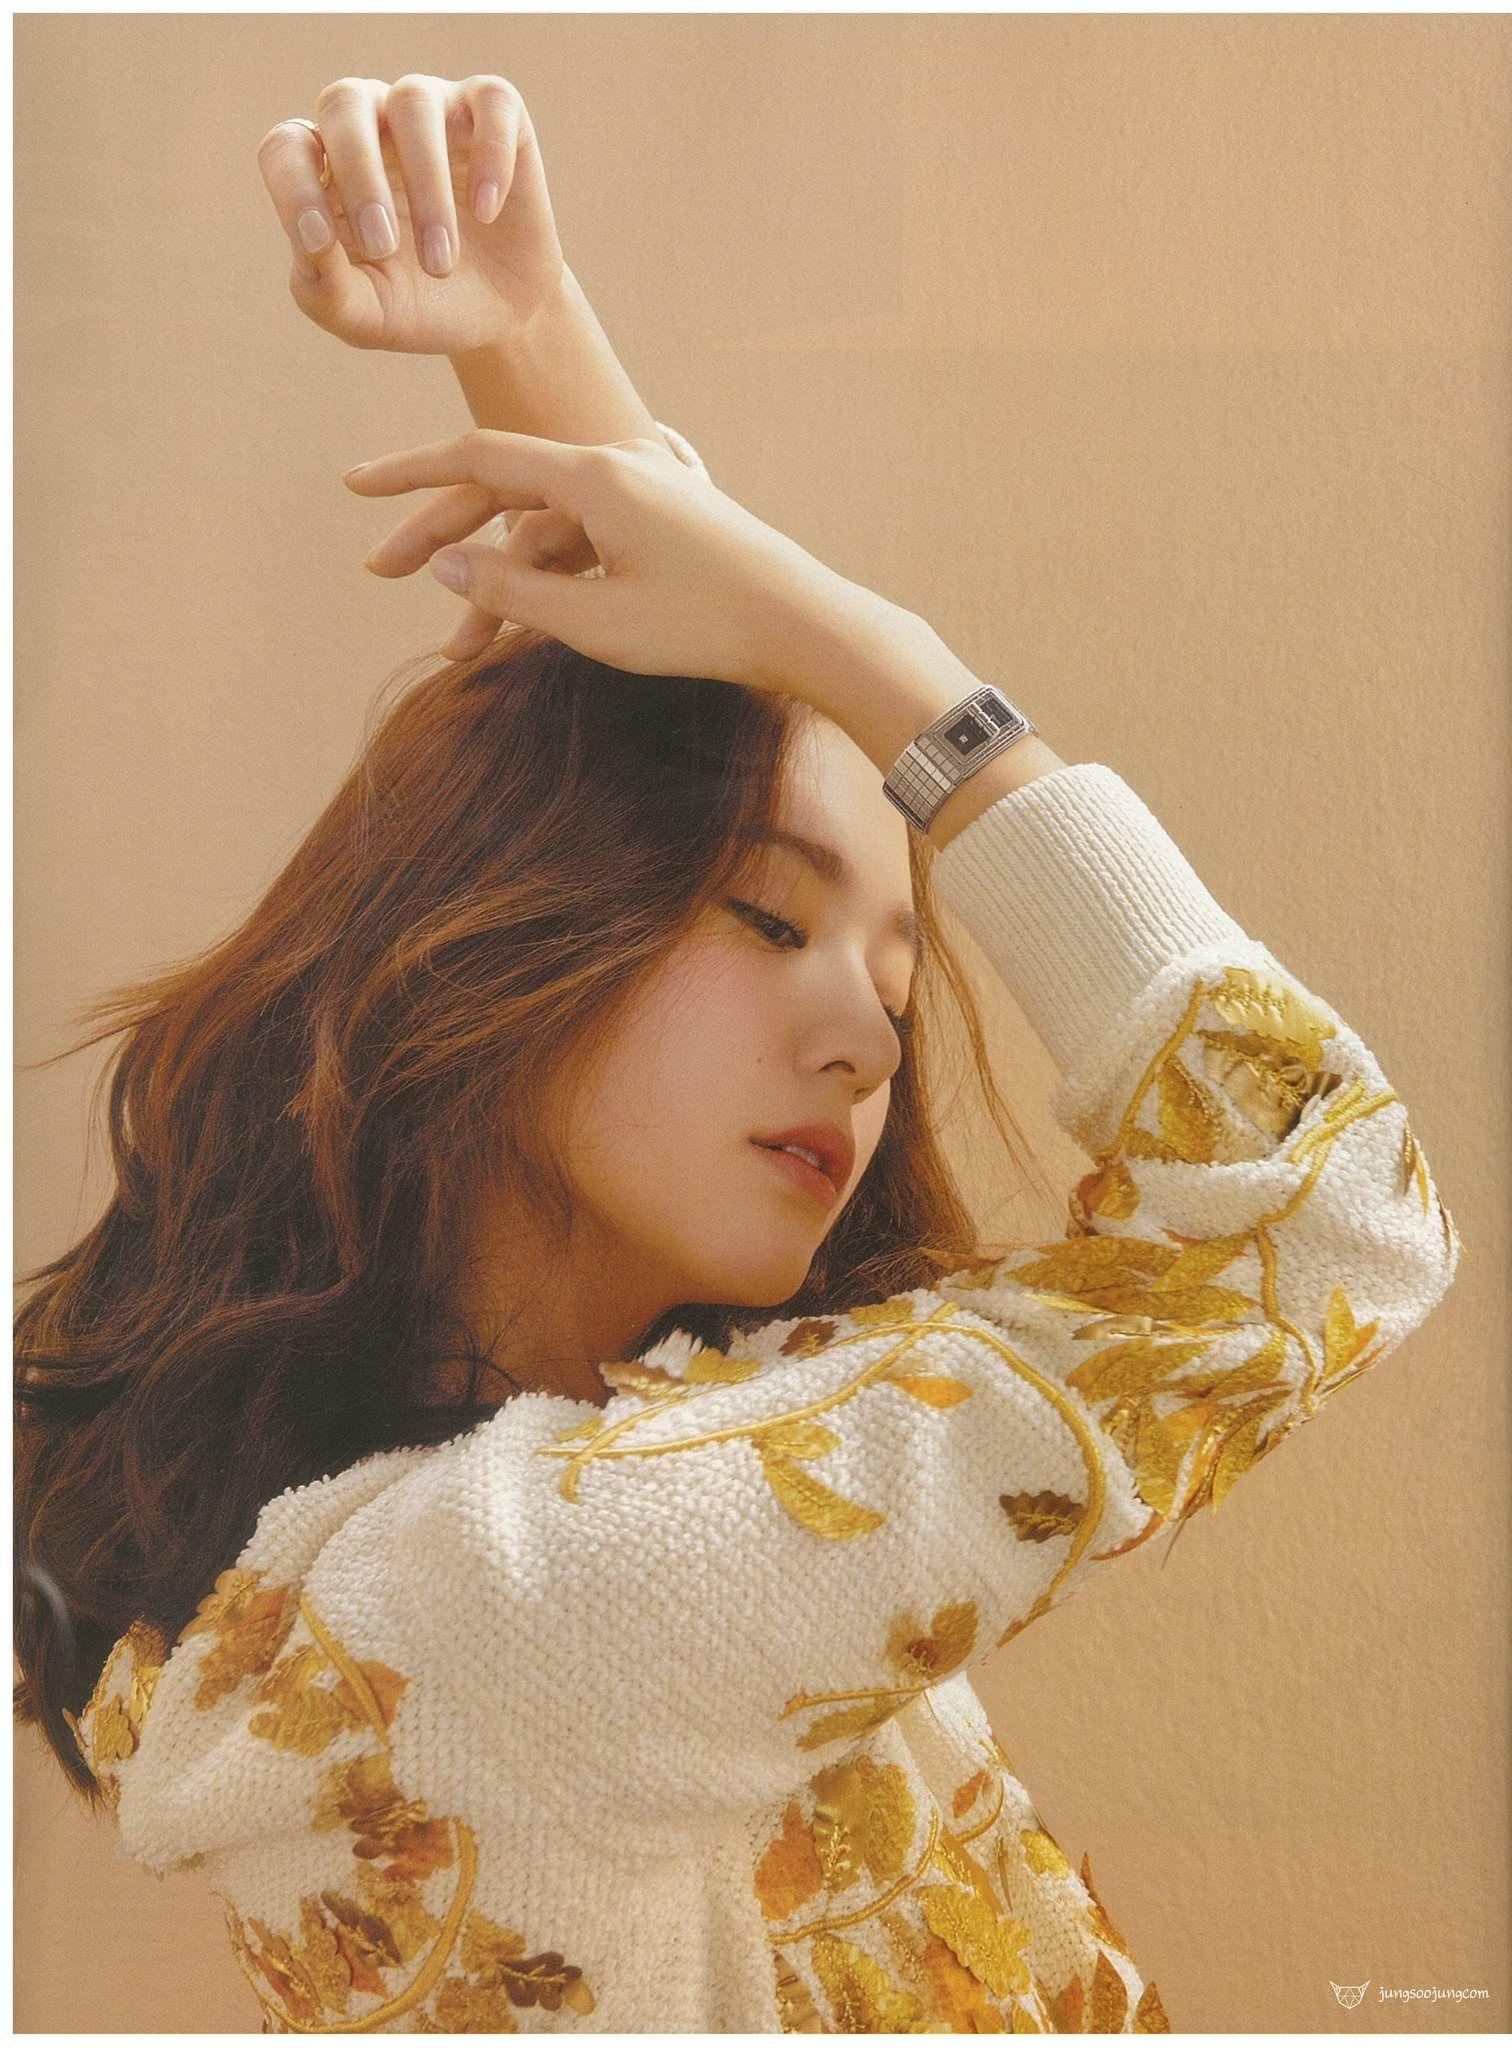 krystal jung 2018 magazine photoshoot in 2019 krystal